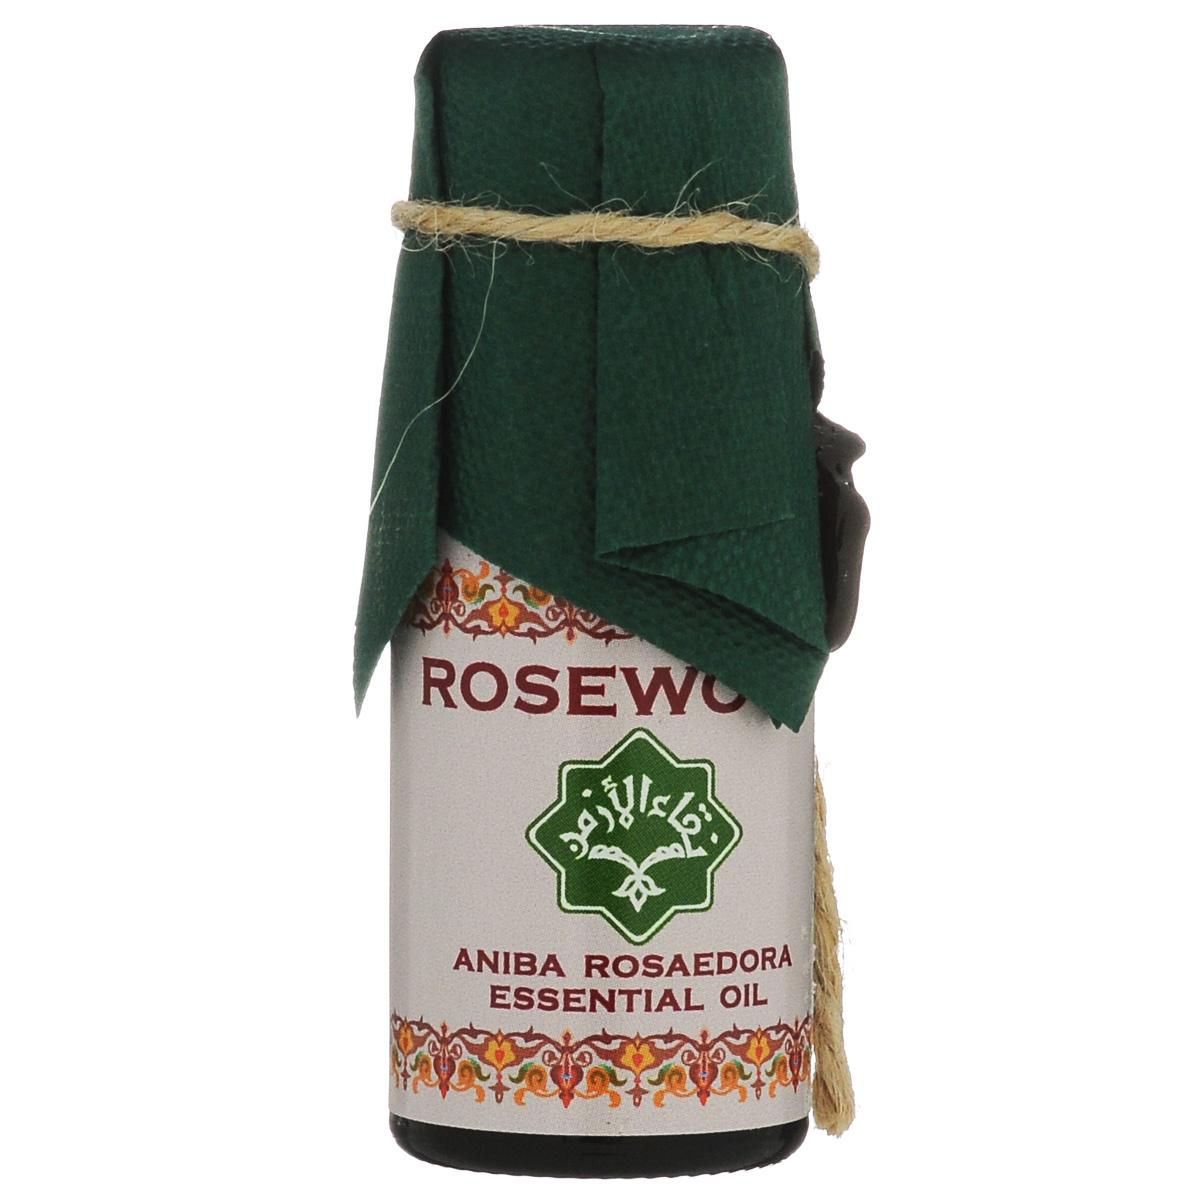 Зейтун Эфирное масло Розовое дерево, 10 млZ3648Абсолютно чистое, 100% натуральное эфирное масло Розовое дерево, произведенное в соответствии со стандартом европейской фармакопеи; по своим качествам и свойствам значительно превосходит дешевые аналоги. Применение в ароматерапии: Эфирное масло розового дерева устраняет раздражительность, чувство бессилия, бесплодные переживания по поводу допущенных промахов и ошибок. Ликвидирует психологические последствия стрессов и эмоциональных перегрузок. Аромат светлой радости и отдохновения души. Способствует полной релаксации и восстановлению сил. Масло медитации. Помогает добиваться успехов в познании нового и воплощении задуманного. Терпкий запах древесины розового дерева обладает тонизирующими свойствами. Эфирное масло розового дерева помогает справиться с депрессией, преодолеть раздражительность, добиваться поставленных целей. Афродизиак. Помогает при фригидности, импотенции и других сексуальных проблемах. Косметические свойства: Используют для повышения эластичности и...